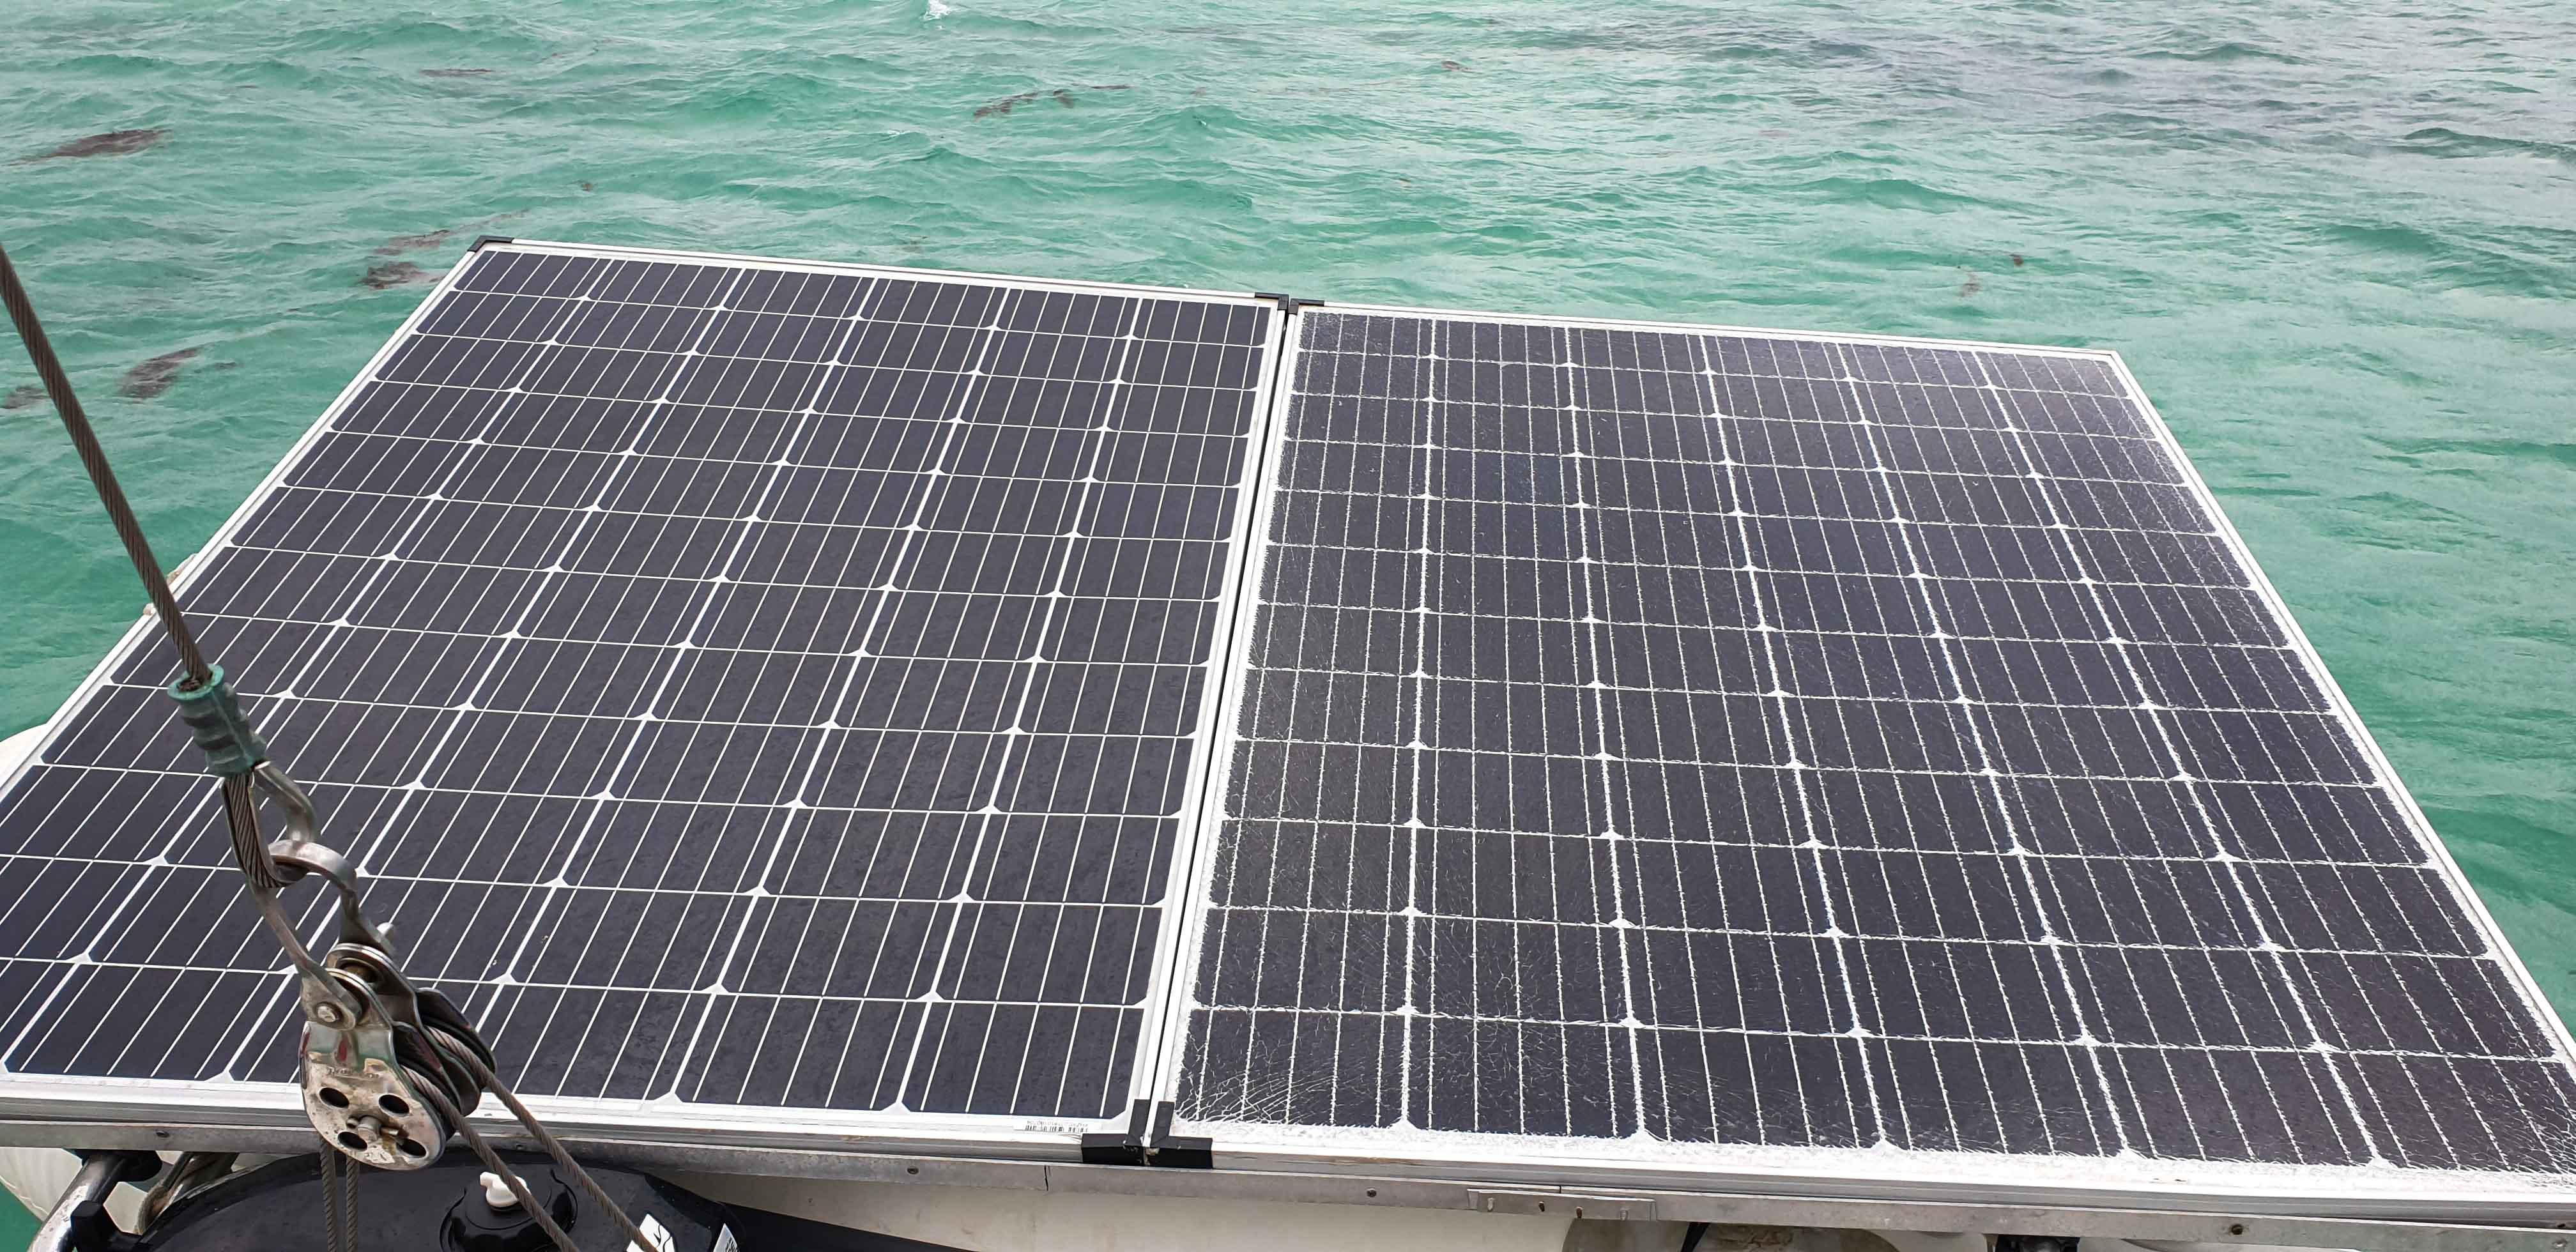 solární panely plachetnice